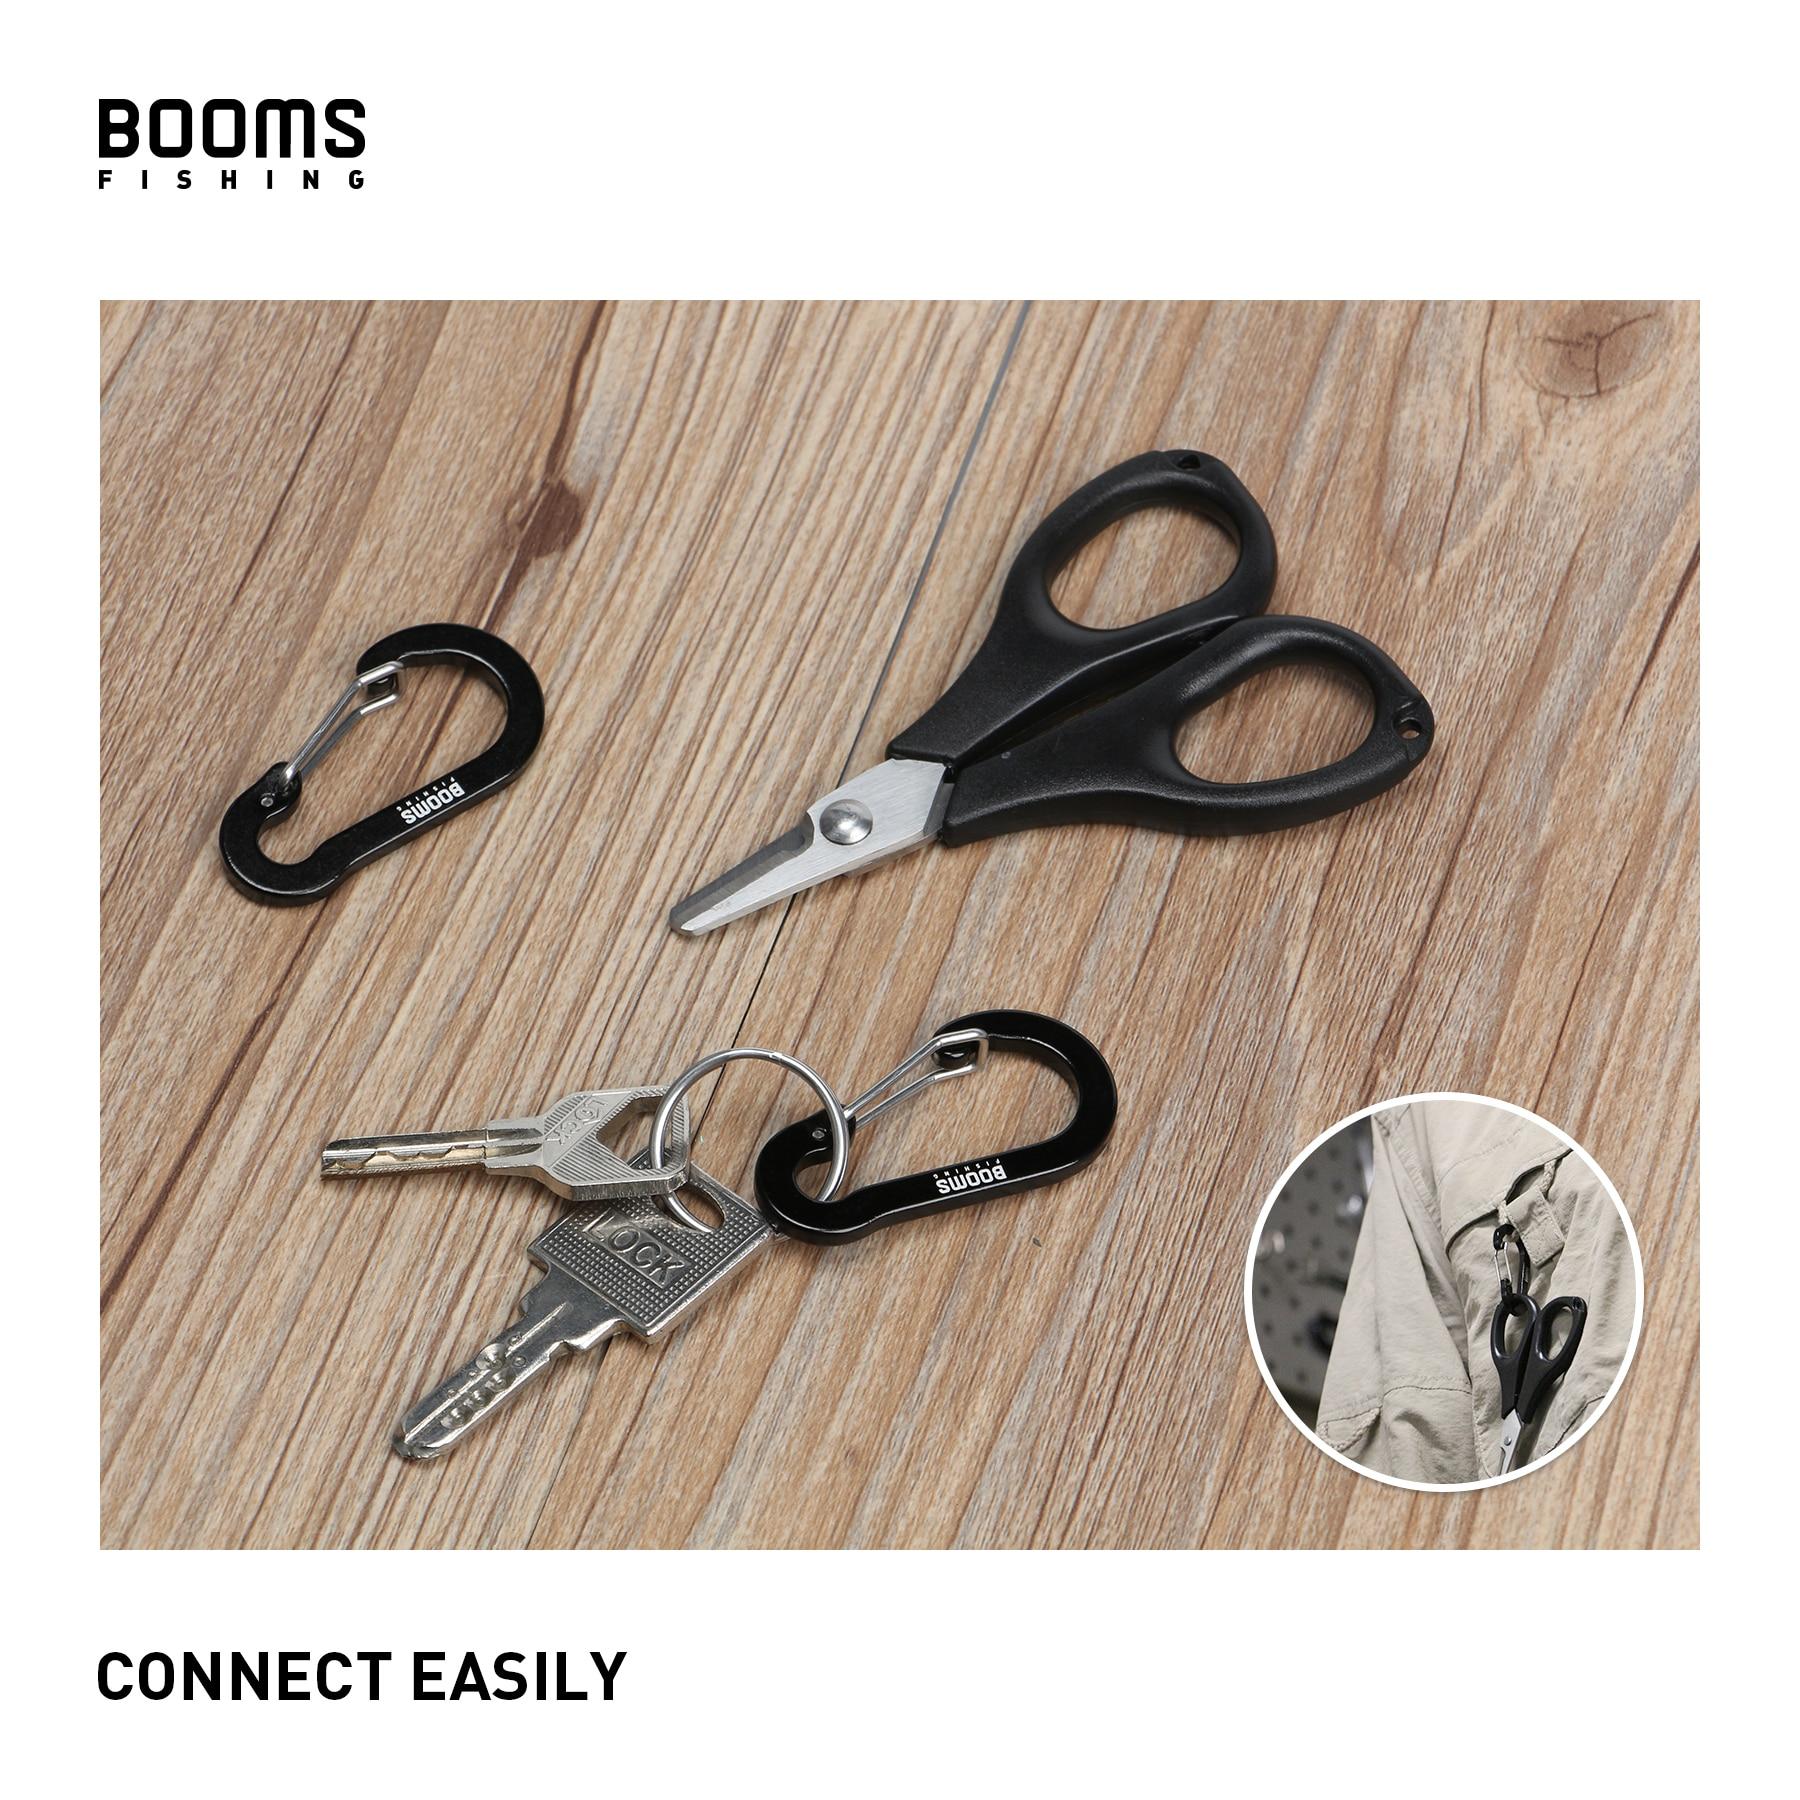 Booms Fishing CC1 petits mousquetons en acier, Camping en plein air, multi-outils, accessoires de pêche, 6 pièces